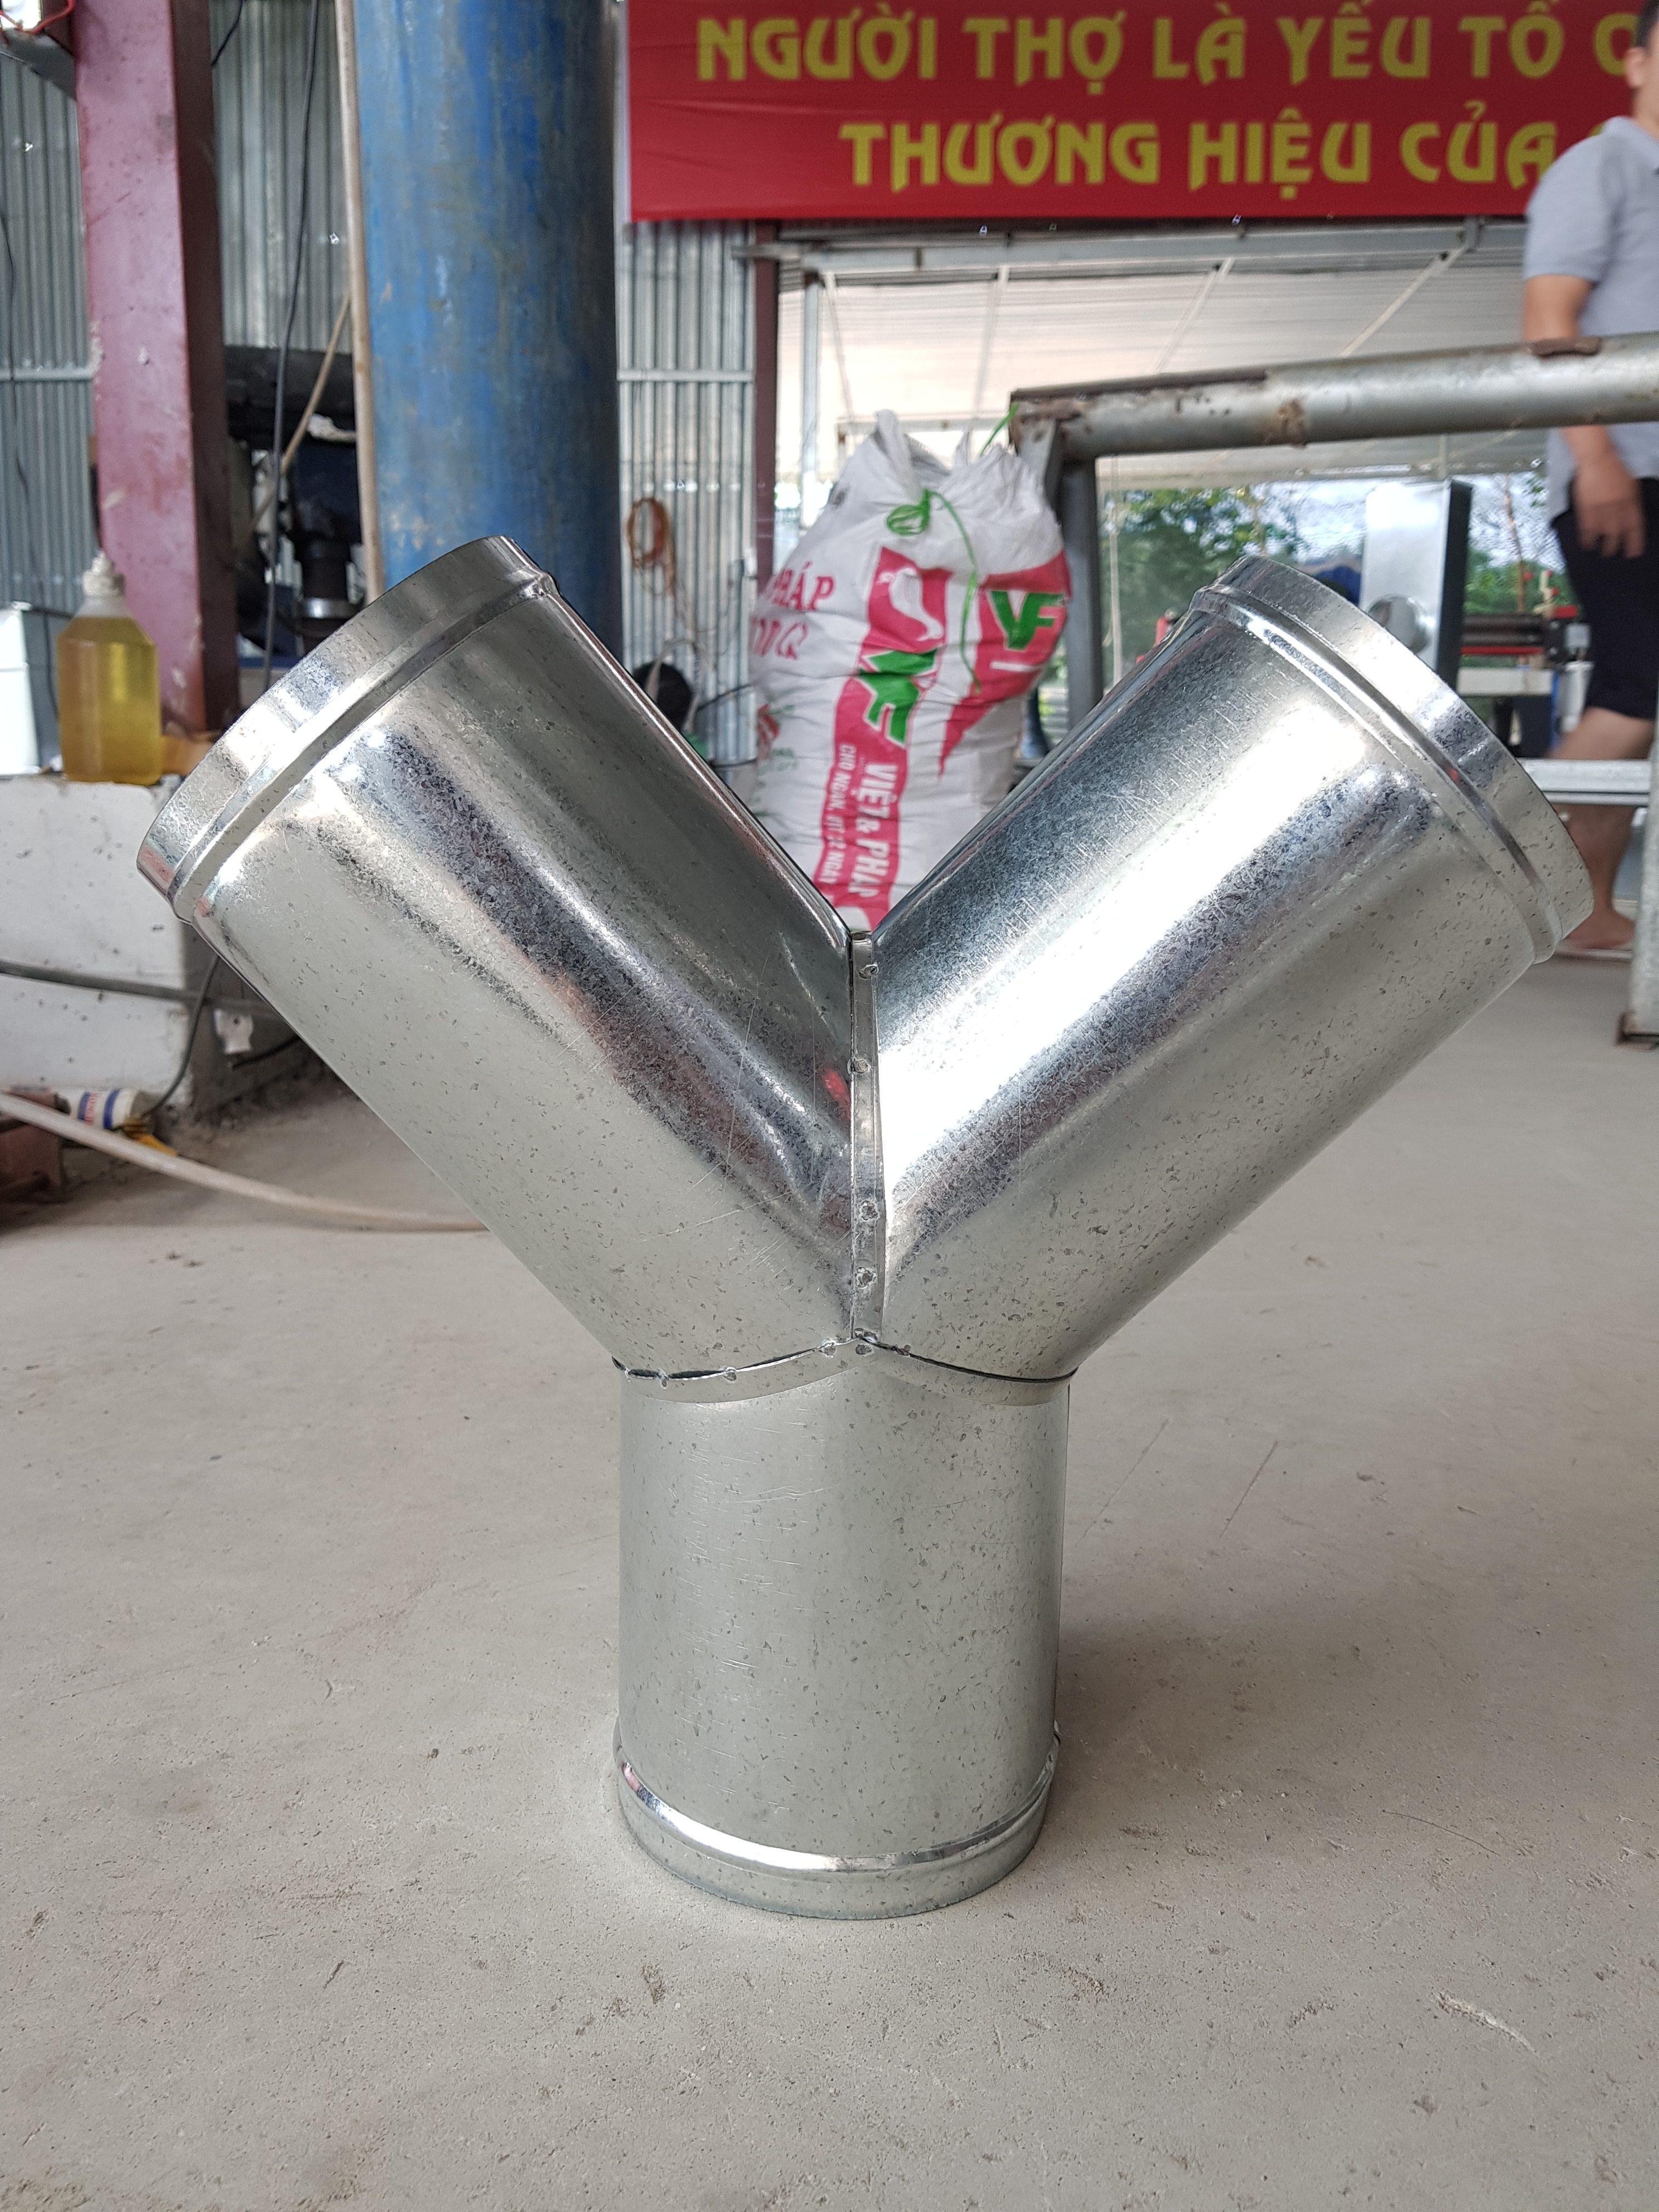 Chạc y được sản xuất tại Kaiyo Việt Nam